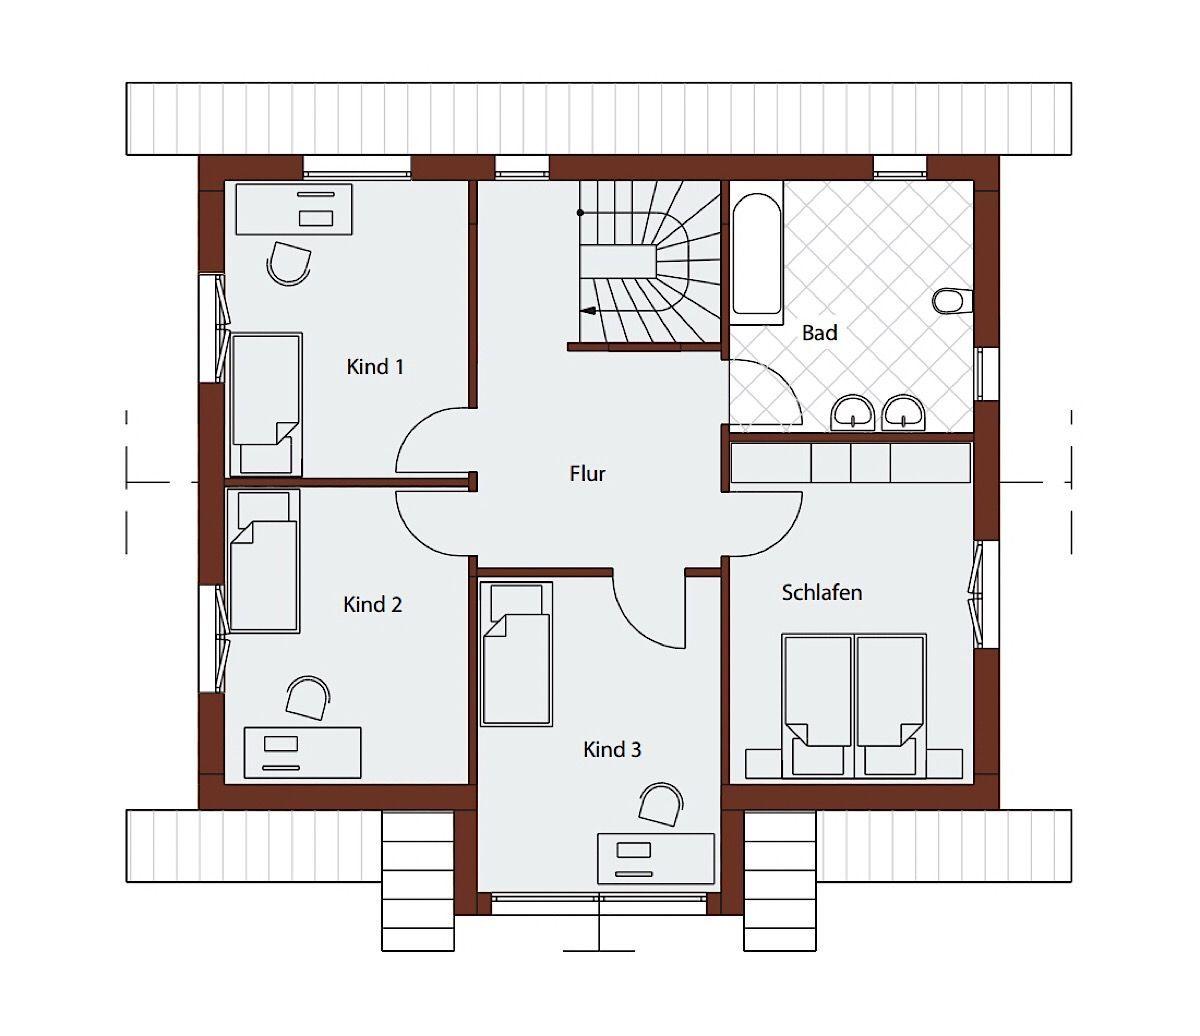 Fertighaus Grundriss Obergeschoss mit 3 Kinderzimmer ...